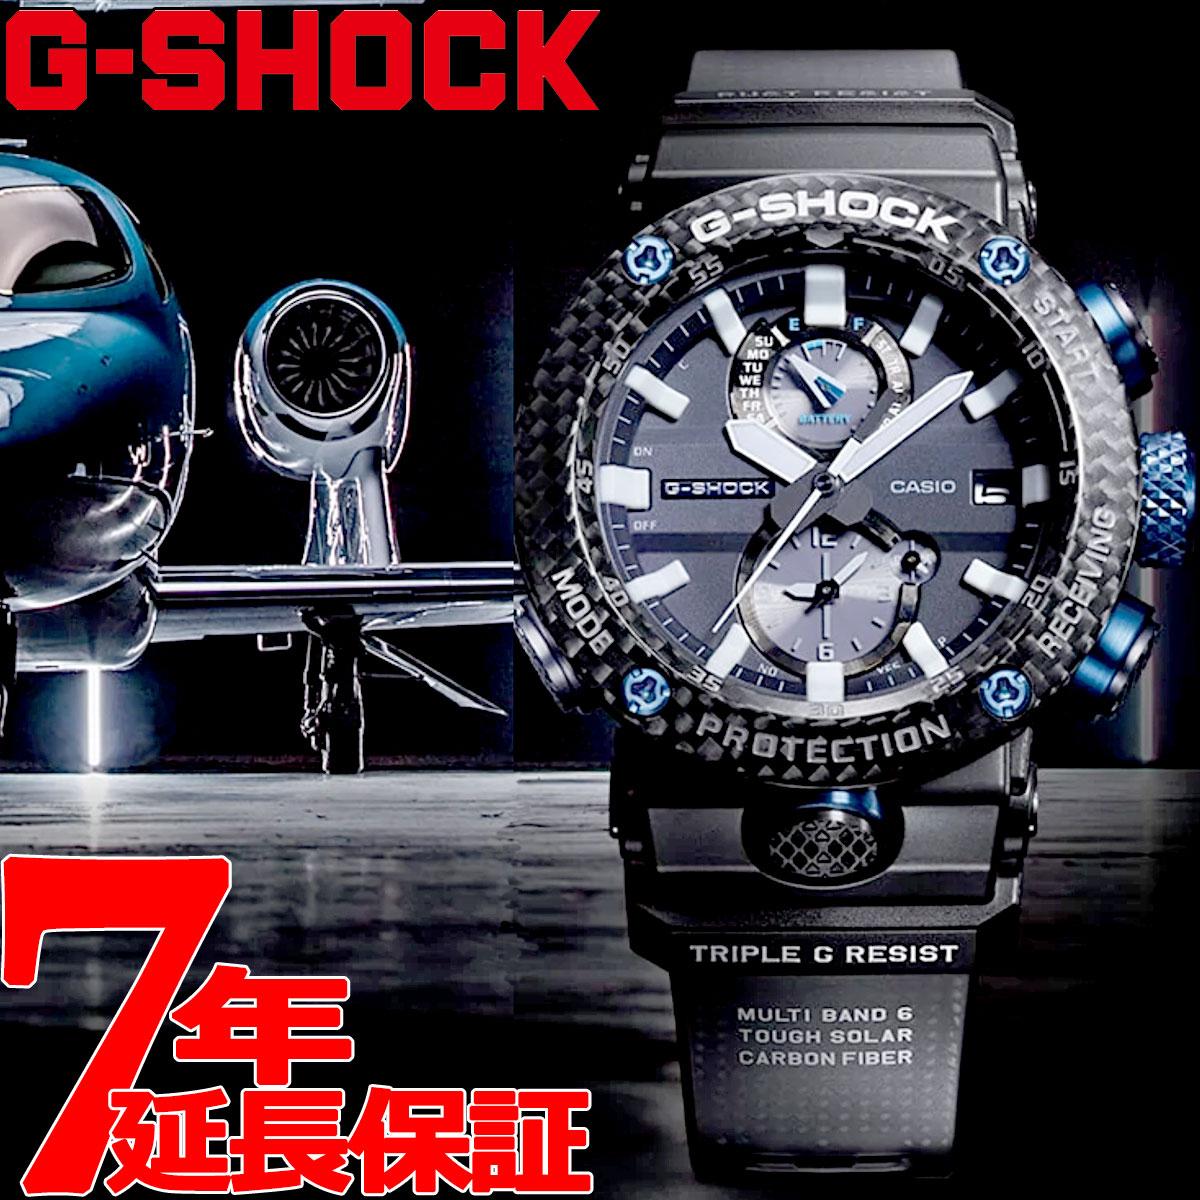 ニールがお得!今ならポイント最大39倍!10日23時59分まで! G-SHOCK カシオ Gショック グラビティマスター CASIO 電波 ソーラー 腕時計 メンズ GWR-B1000-1A1JF【2019 新作】